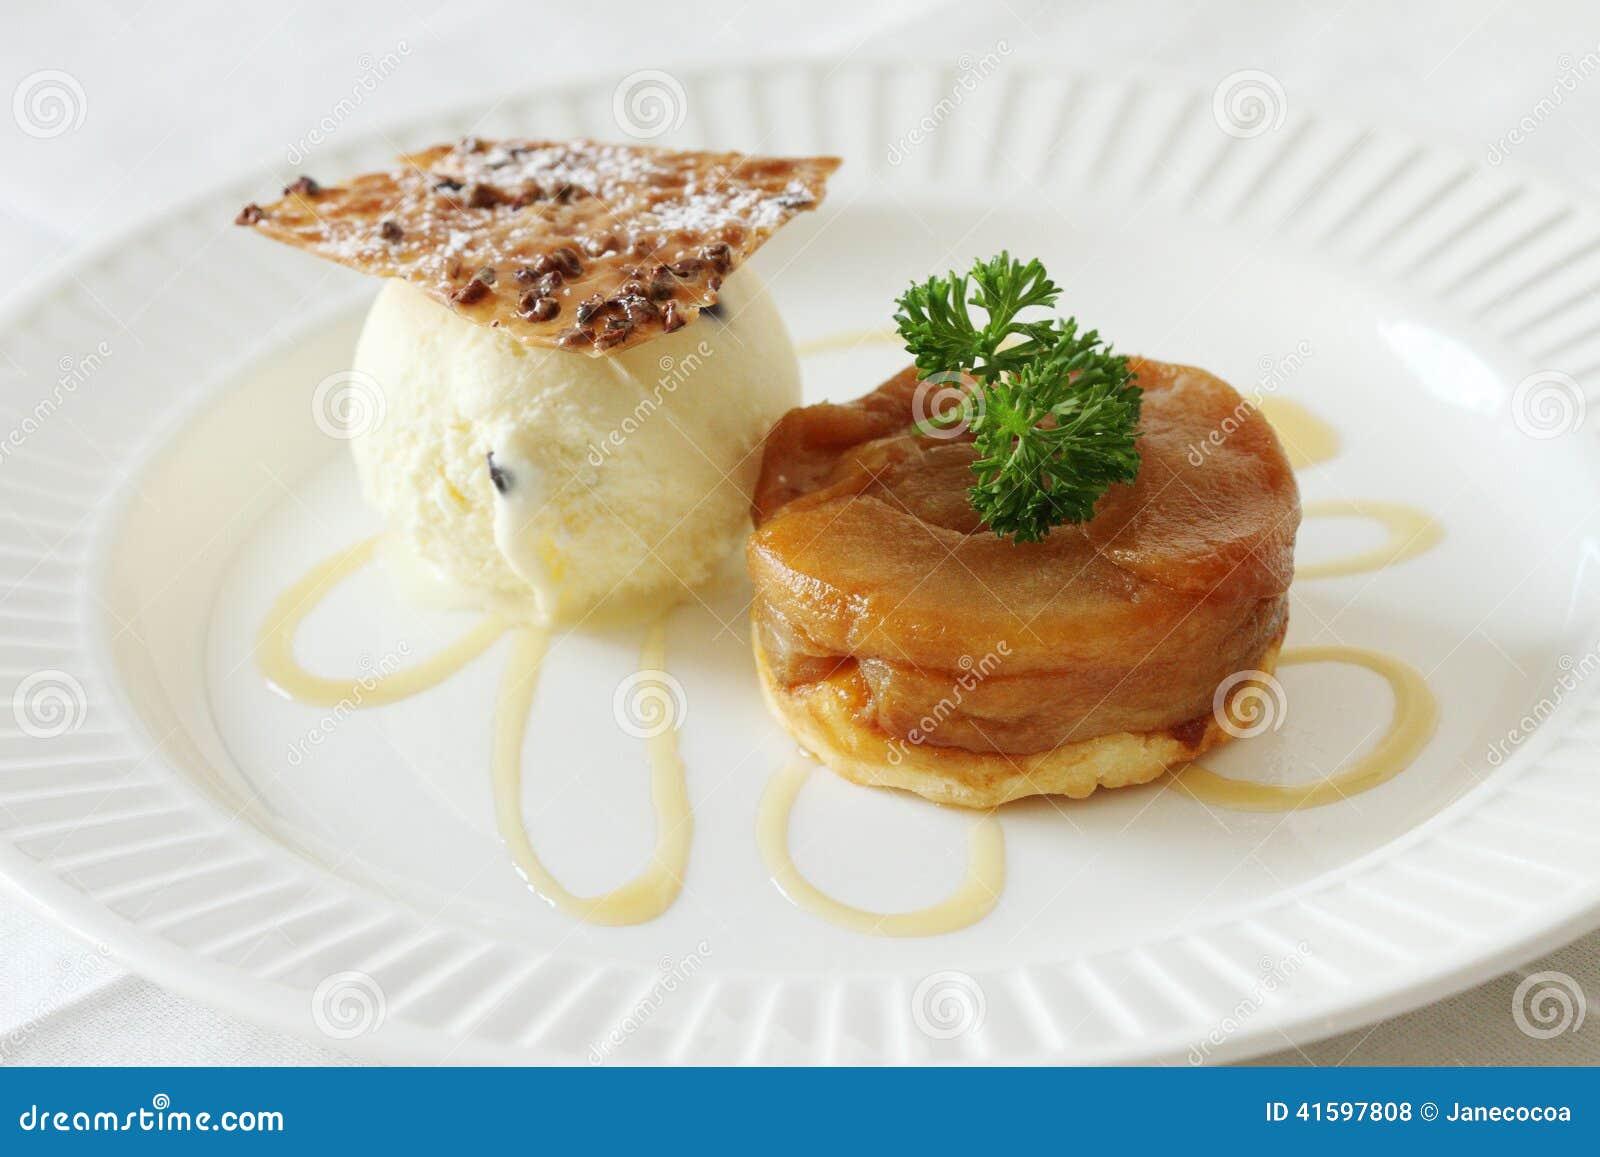 Warm apple tart with vanilla ice cream.